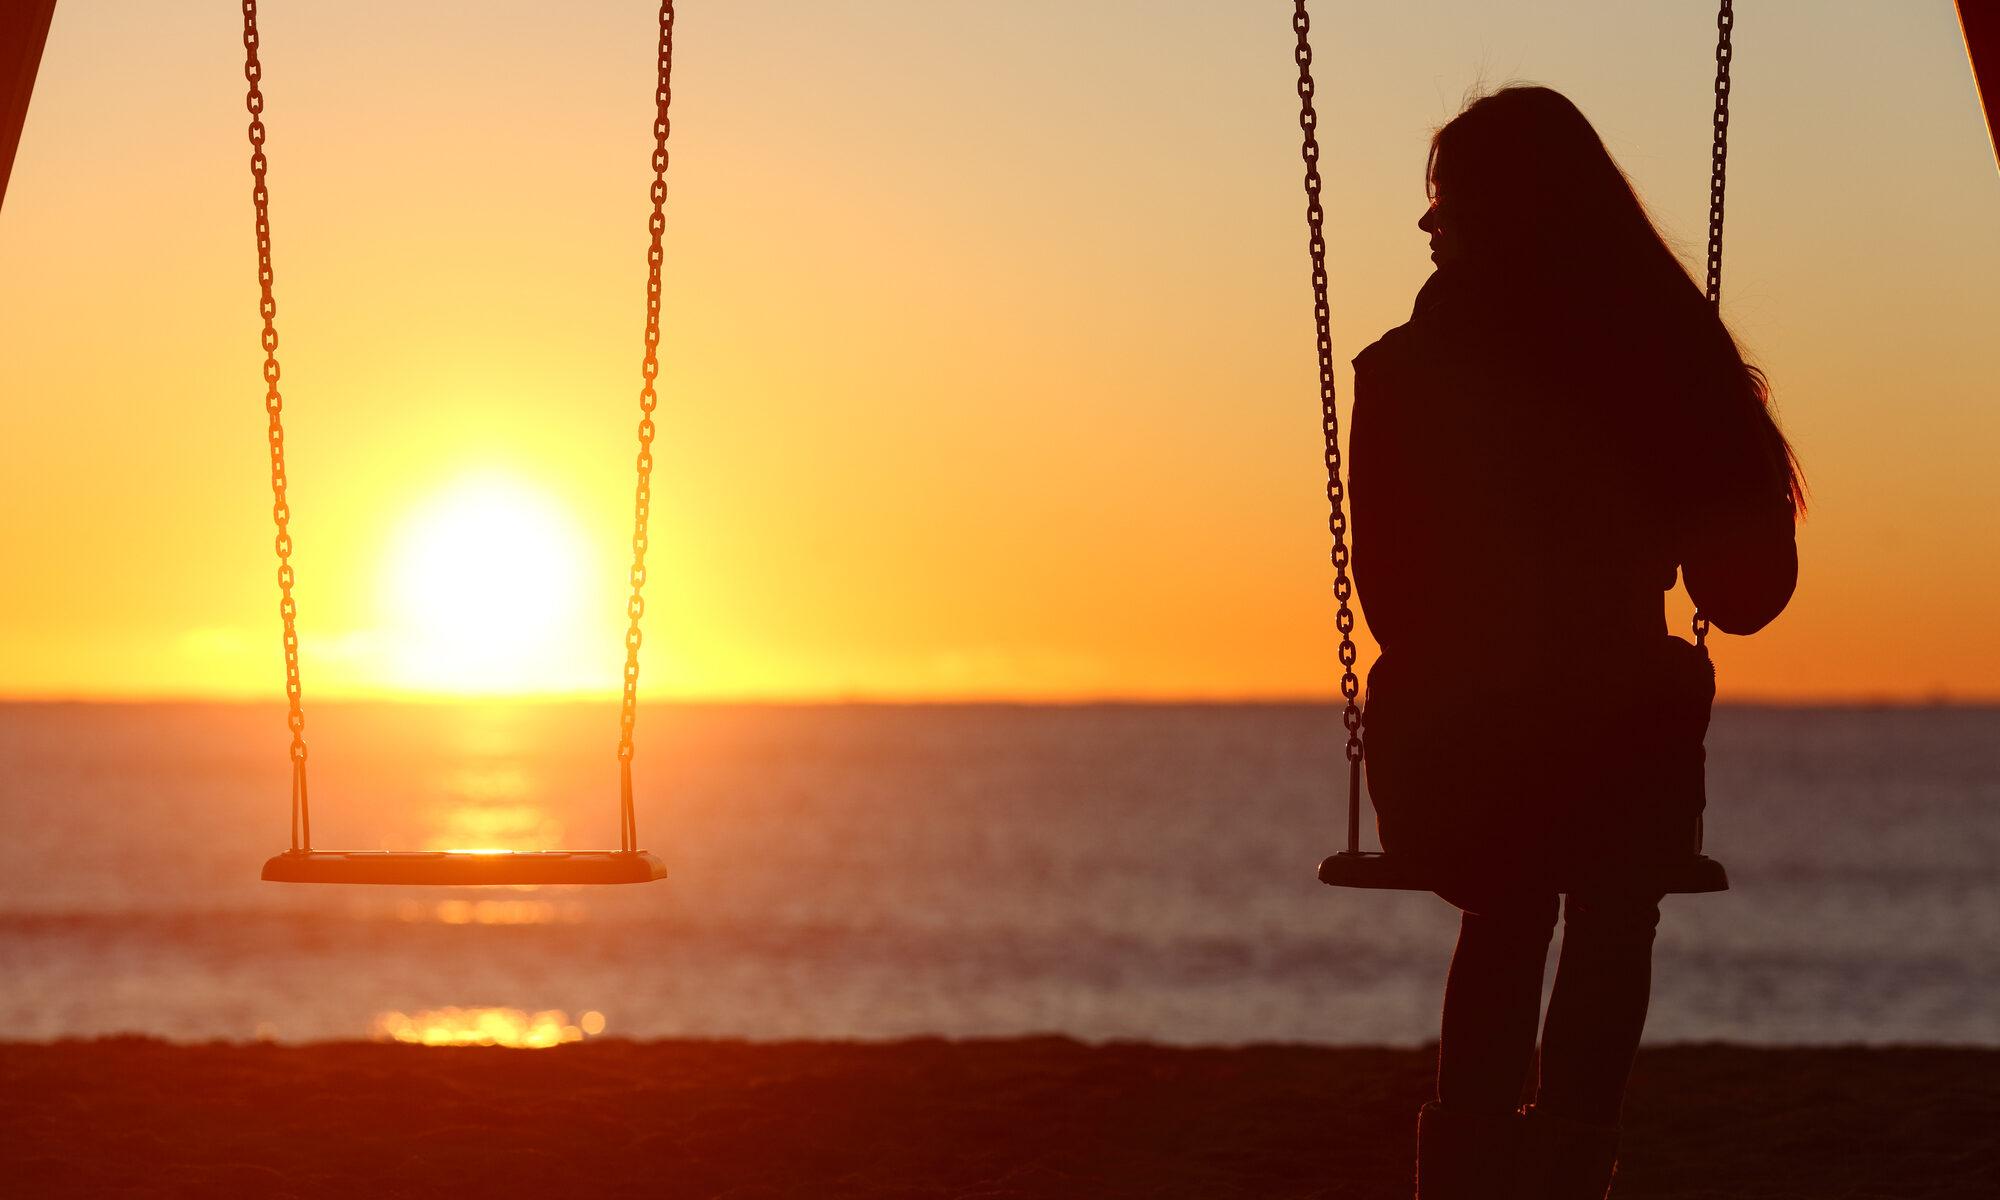 Frau sitzt alleine voller Sehnsucht auf einer Schaukel im Sonnenuntergang